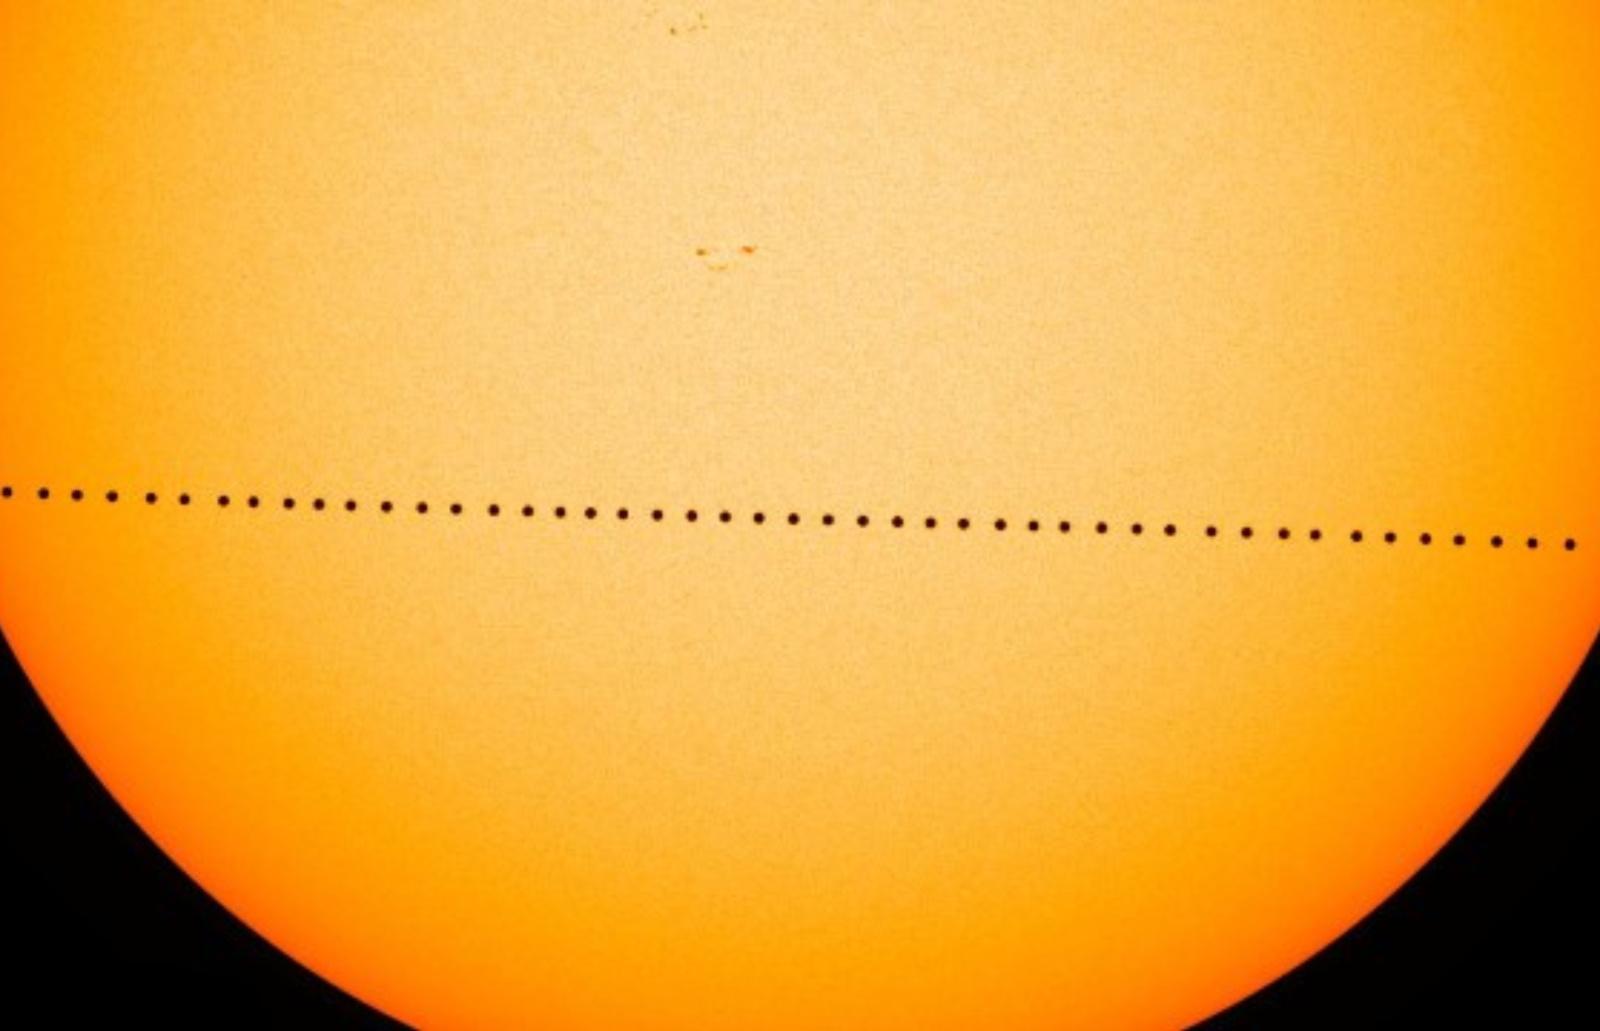 Retas reginys: lapkritį įvyks Merkurijaus tranzitas per Saulę (vaizdo įrašas)